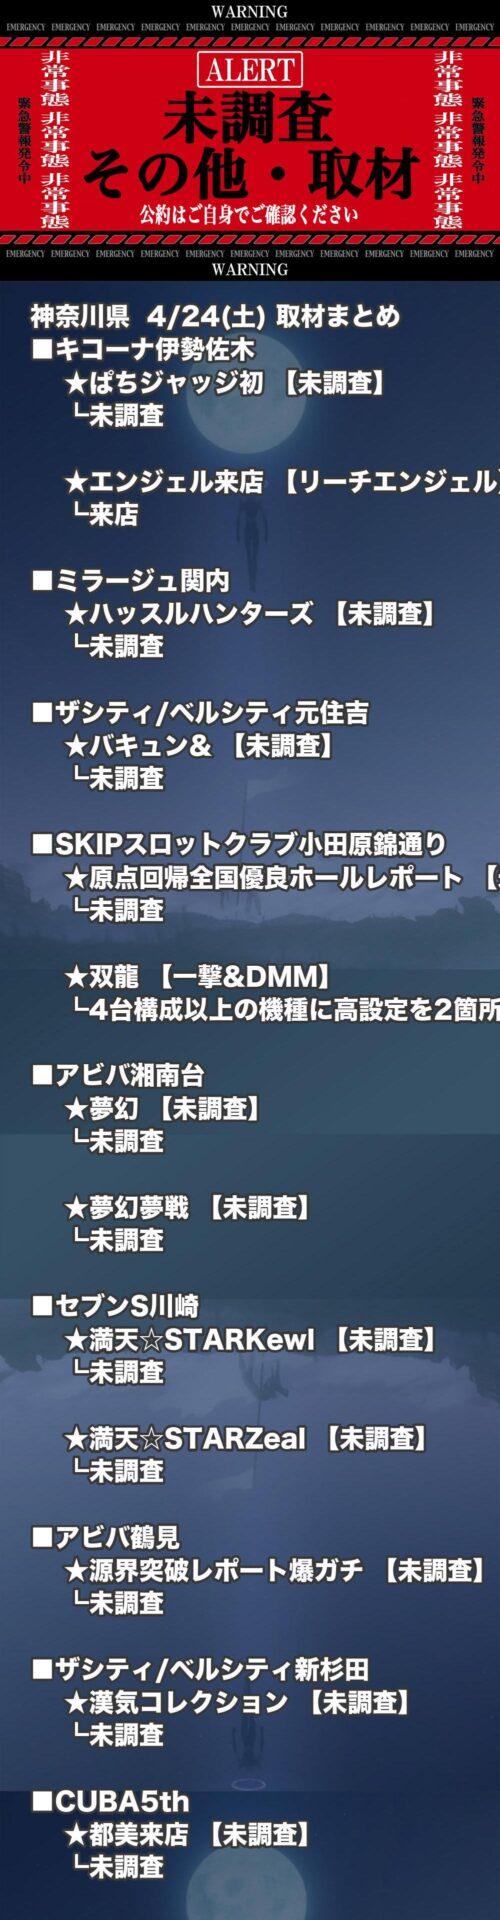 神奈川県_2021-04-24_未調査_パチンコ・パチスロ